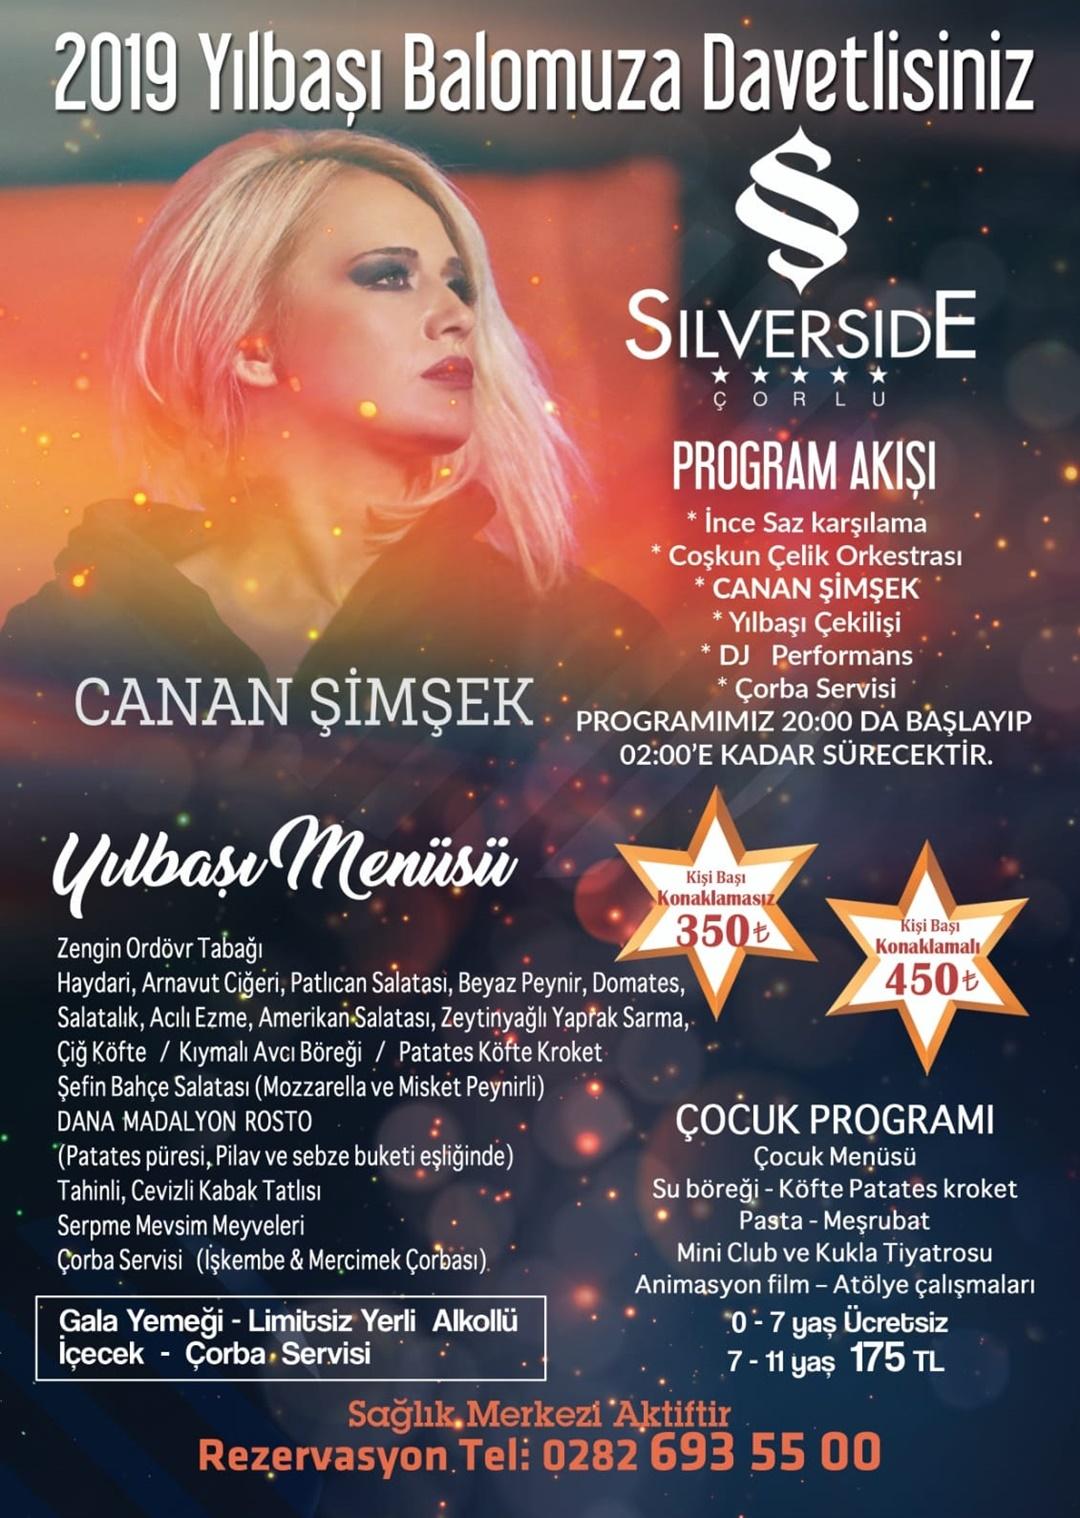 Silverside Hotel Çorlu Yılbaşı Programı 2020